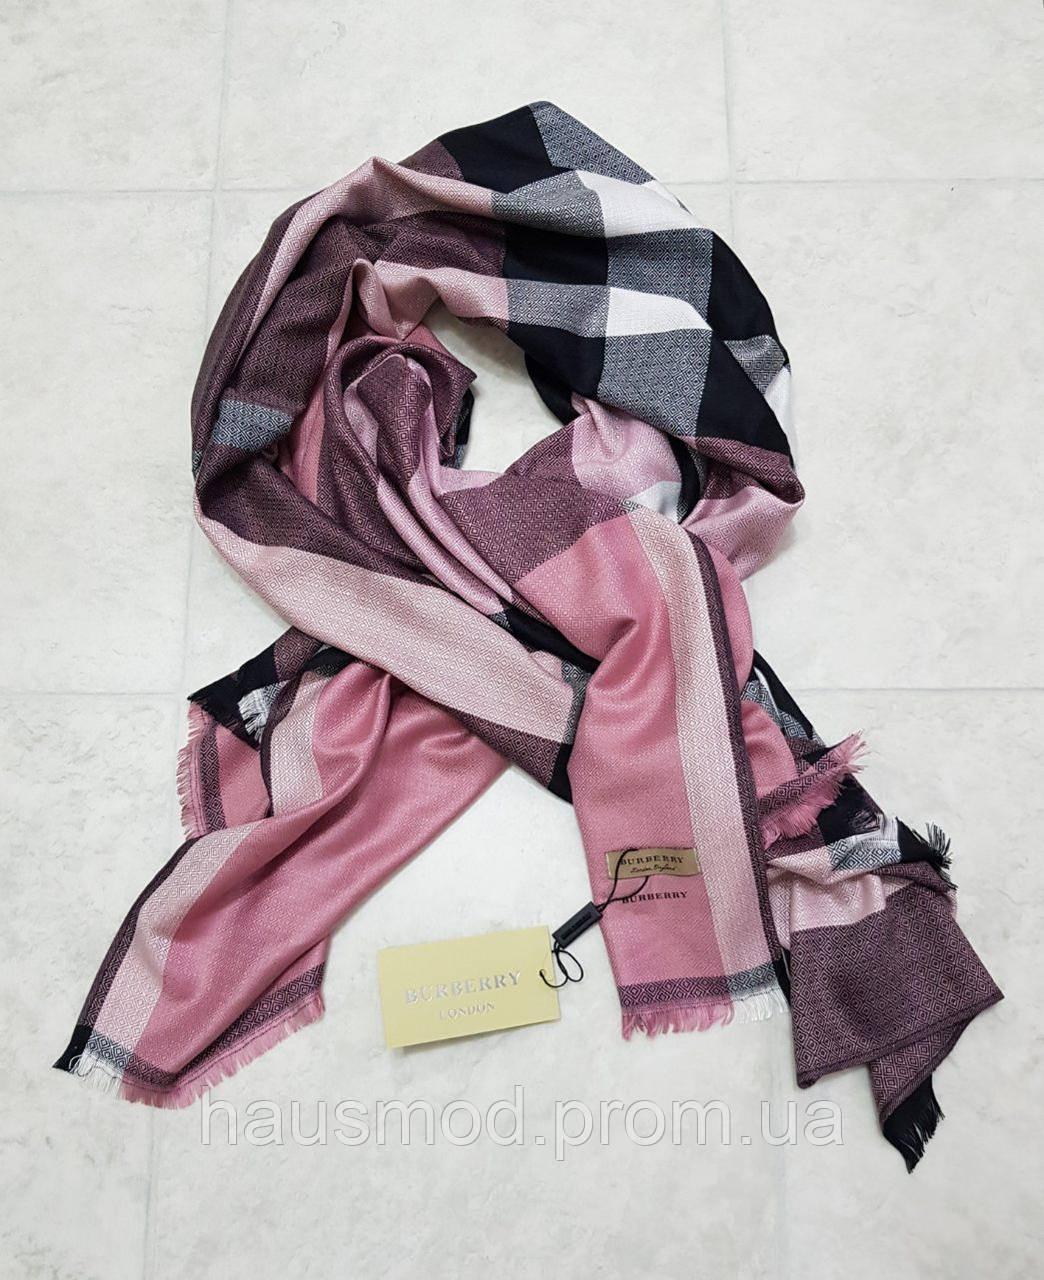 Женский палантин брендовый реплика Burberry 100% кашемир размер 190×80 см цвет розовый